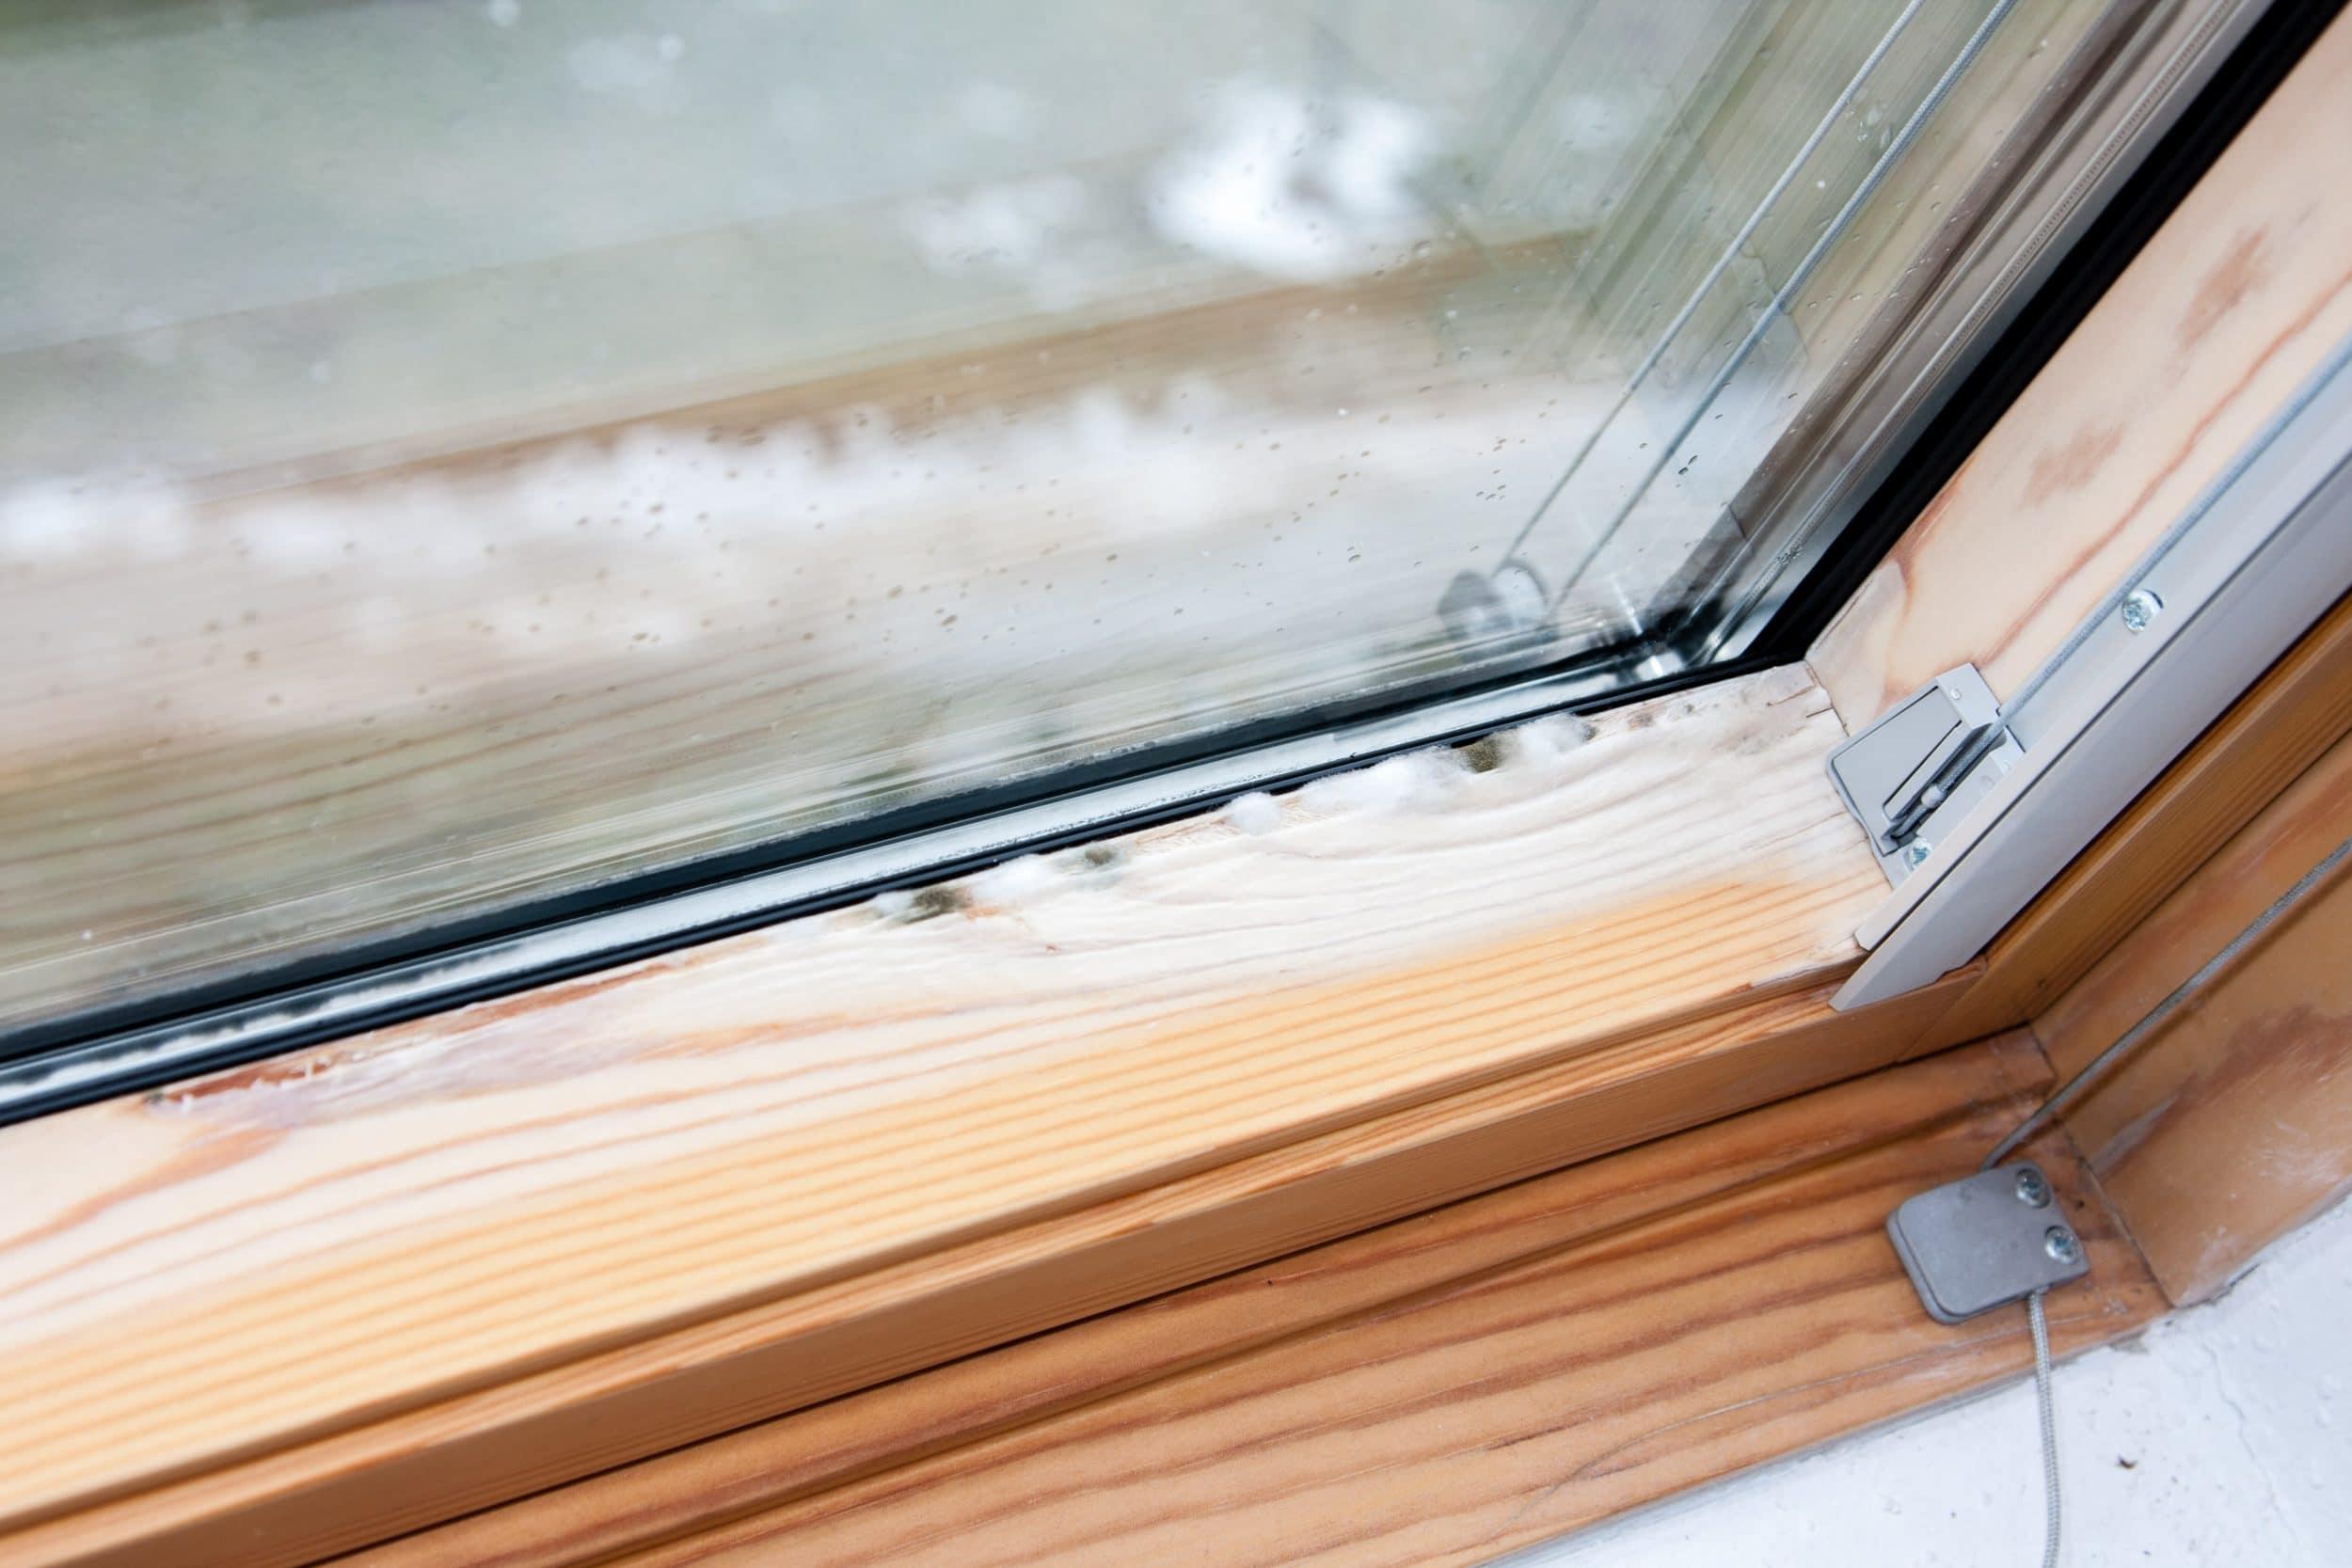 DieT-STRIPEFensterheizungals wirksame Hilfe gegen beschlagene Fenster